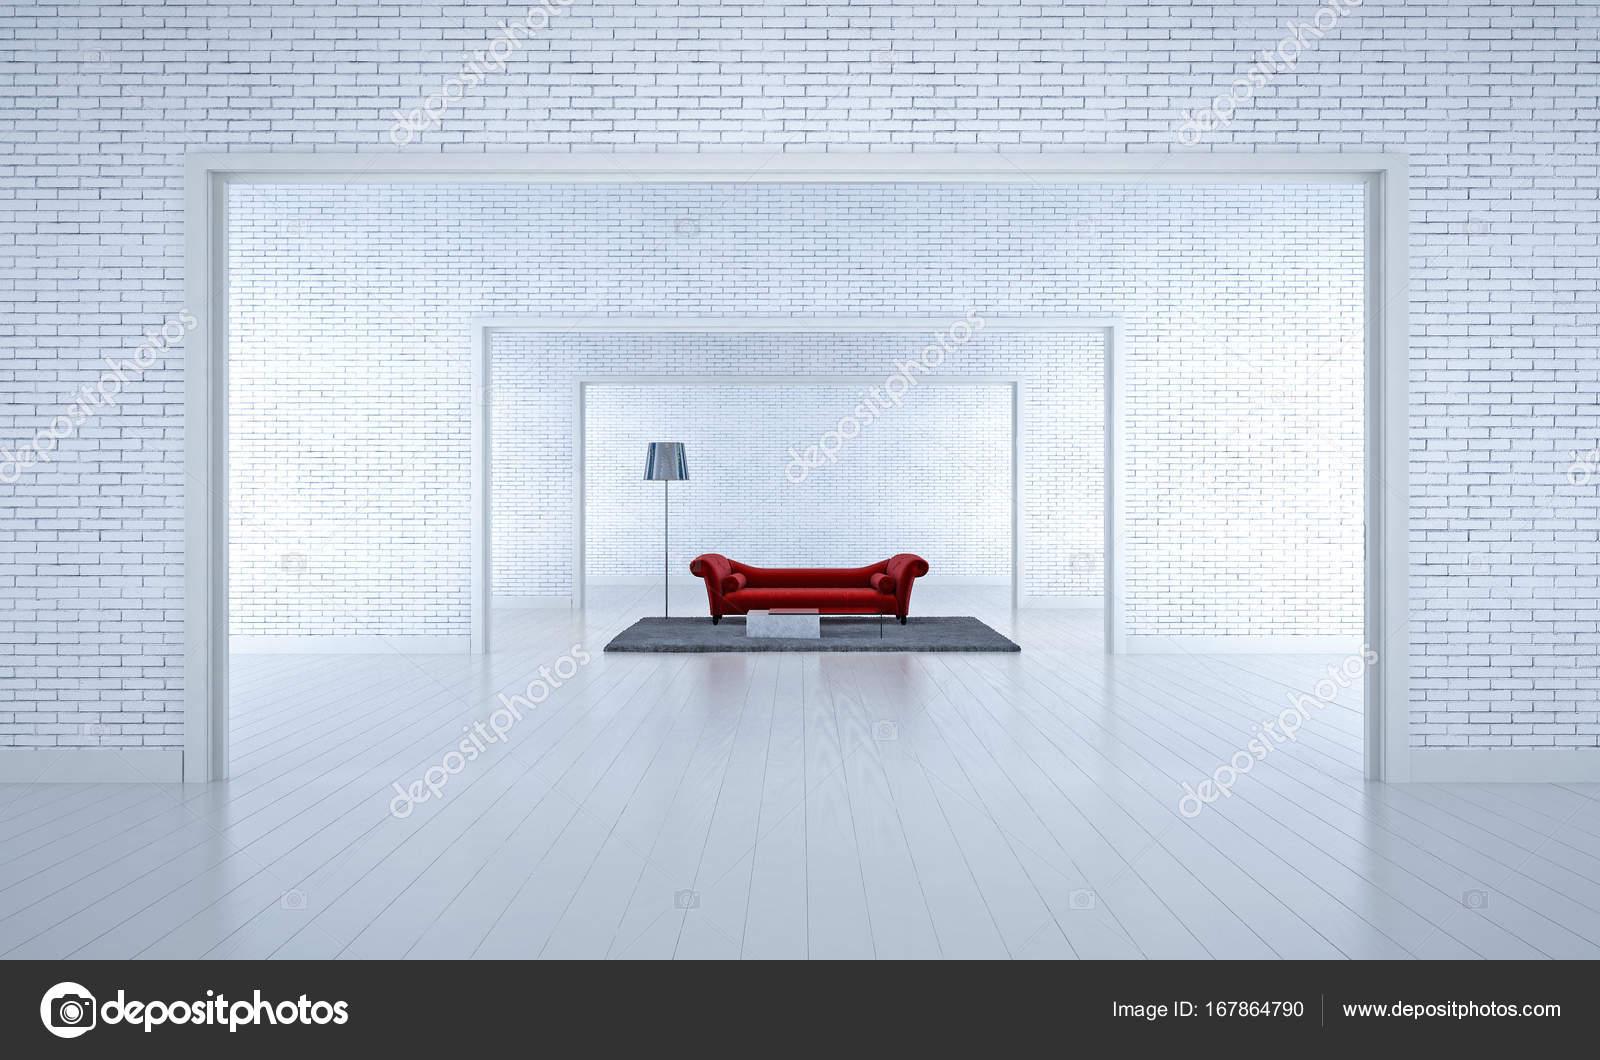 Het interieur design idee van rode sofa woonkamer en witte bakstenen